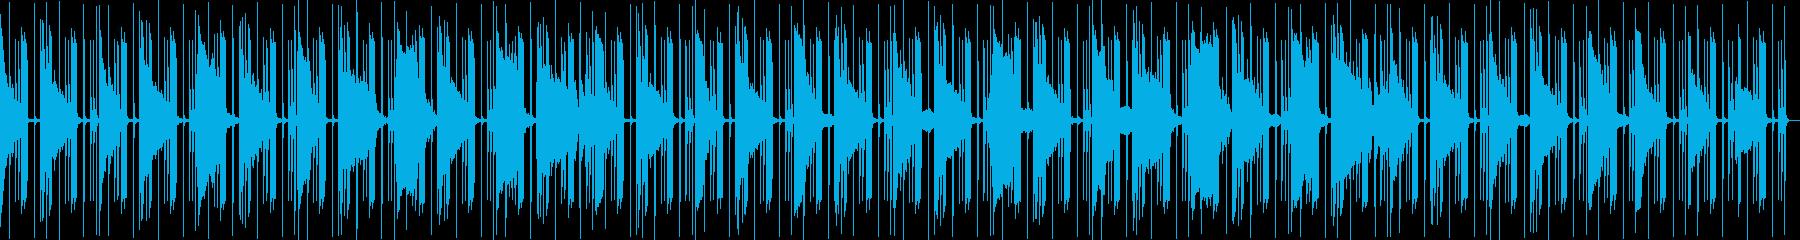 和風お琴篠笛のR&B beats の再生済みの波形